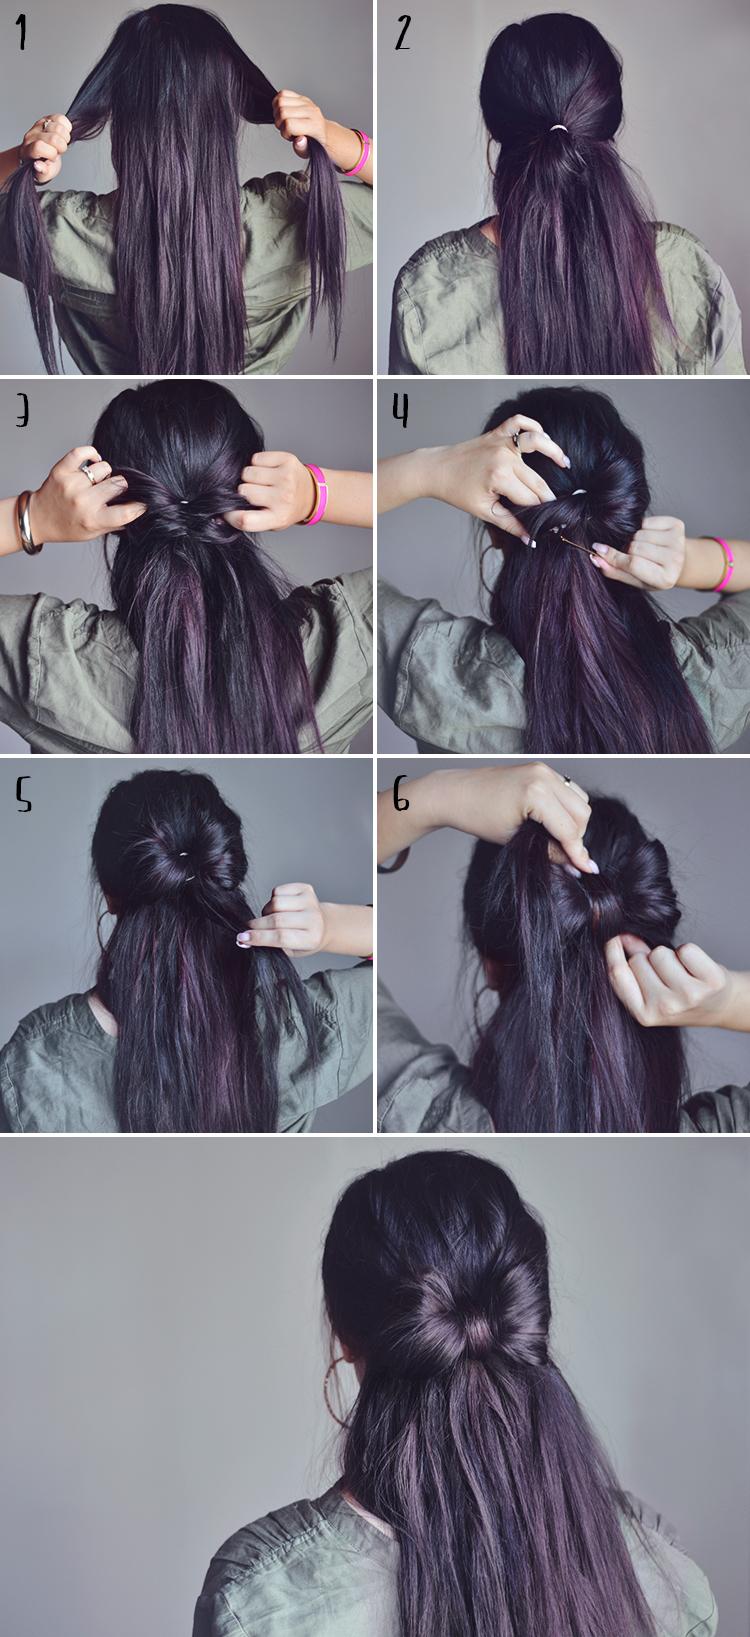 Så gör du en rosett i håret